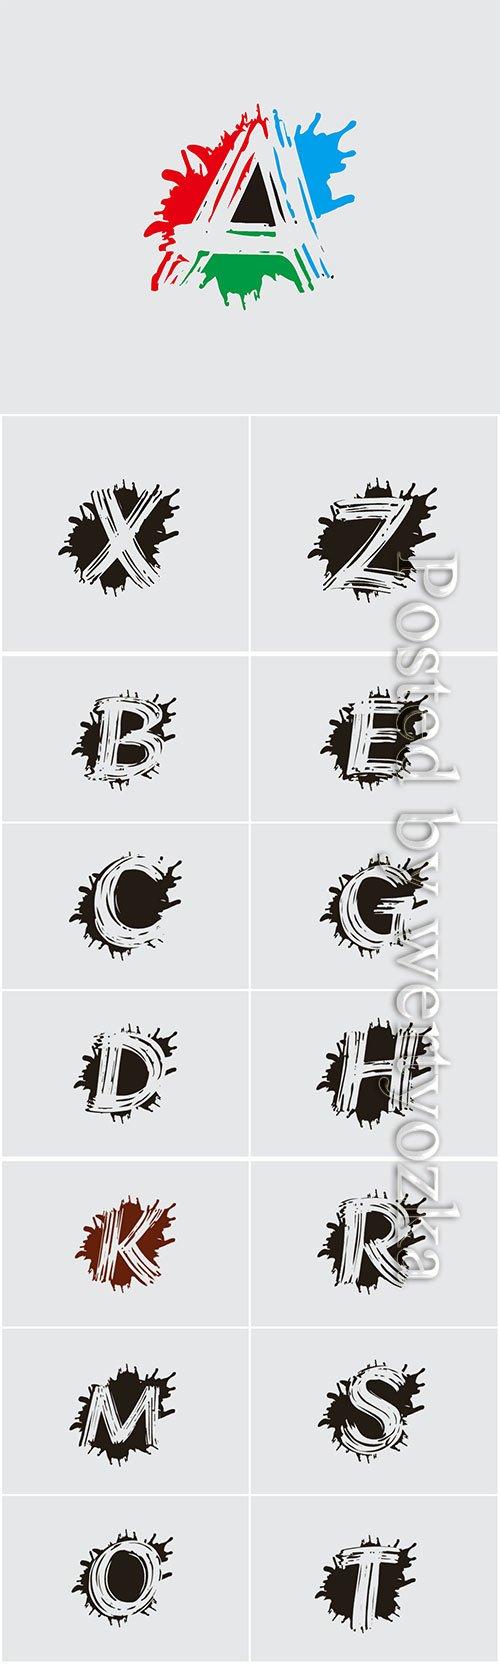 Letter logo icon splash vector design